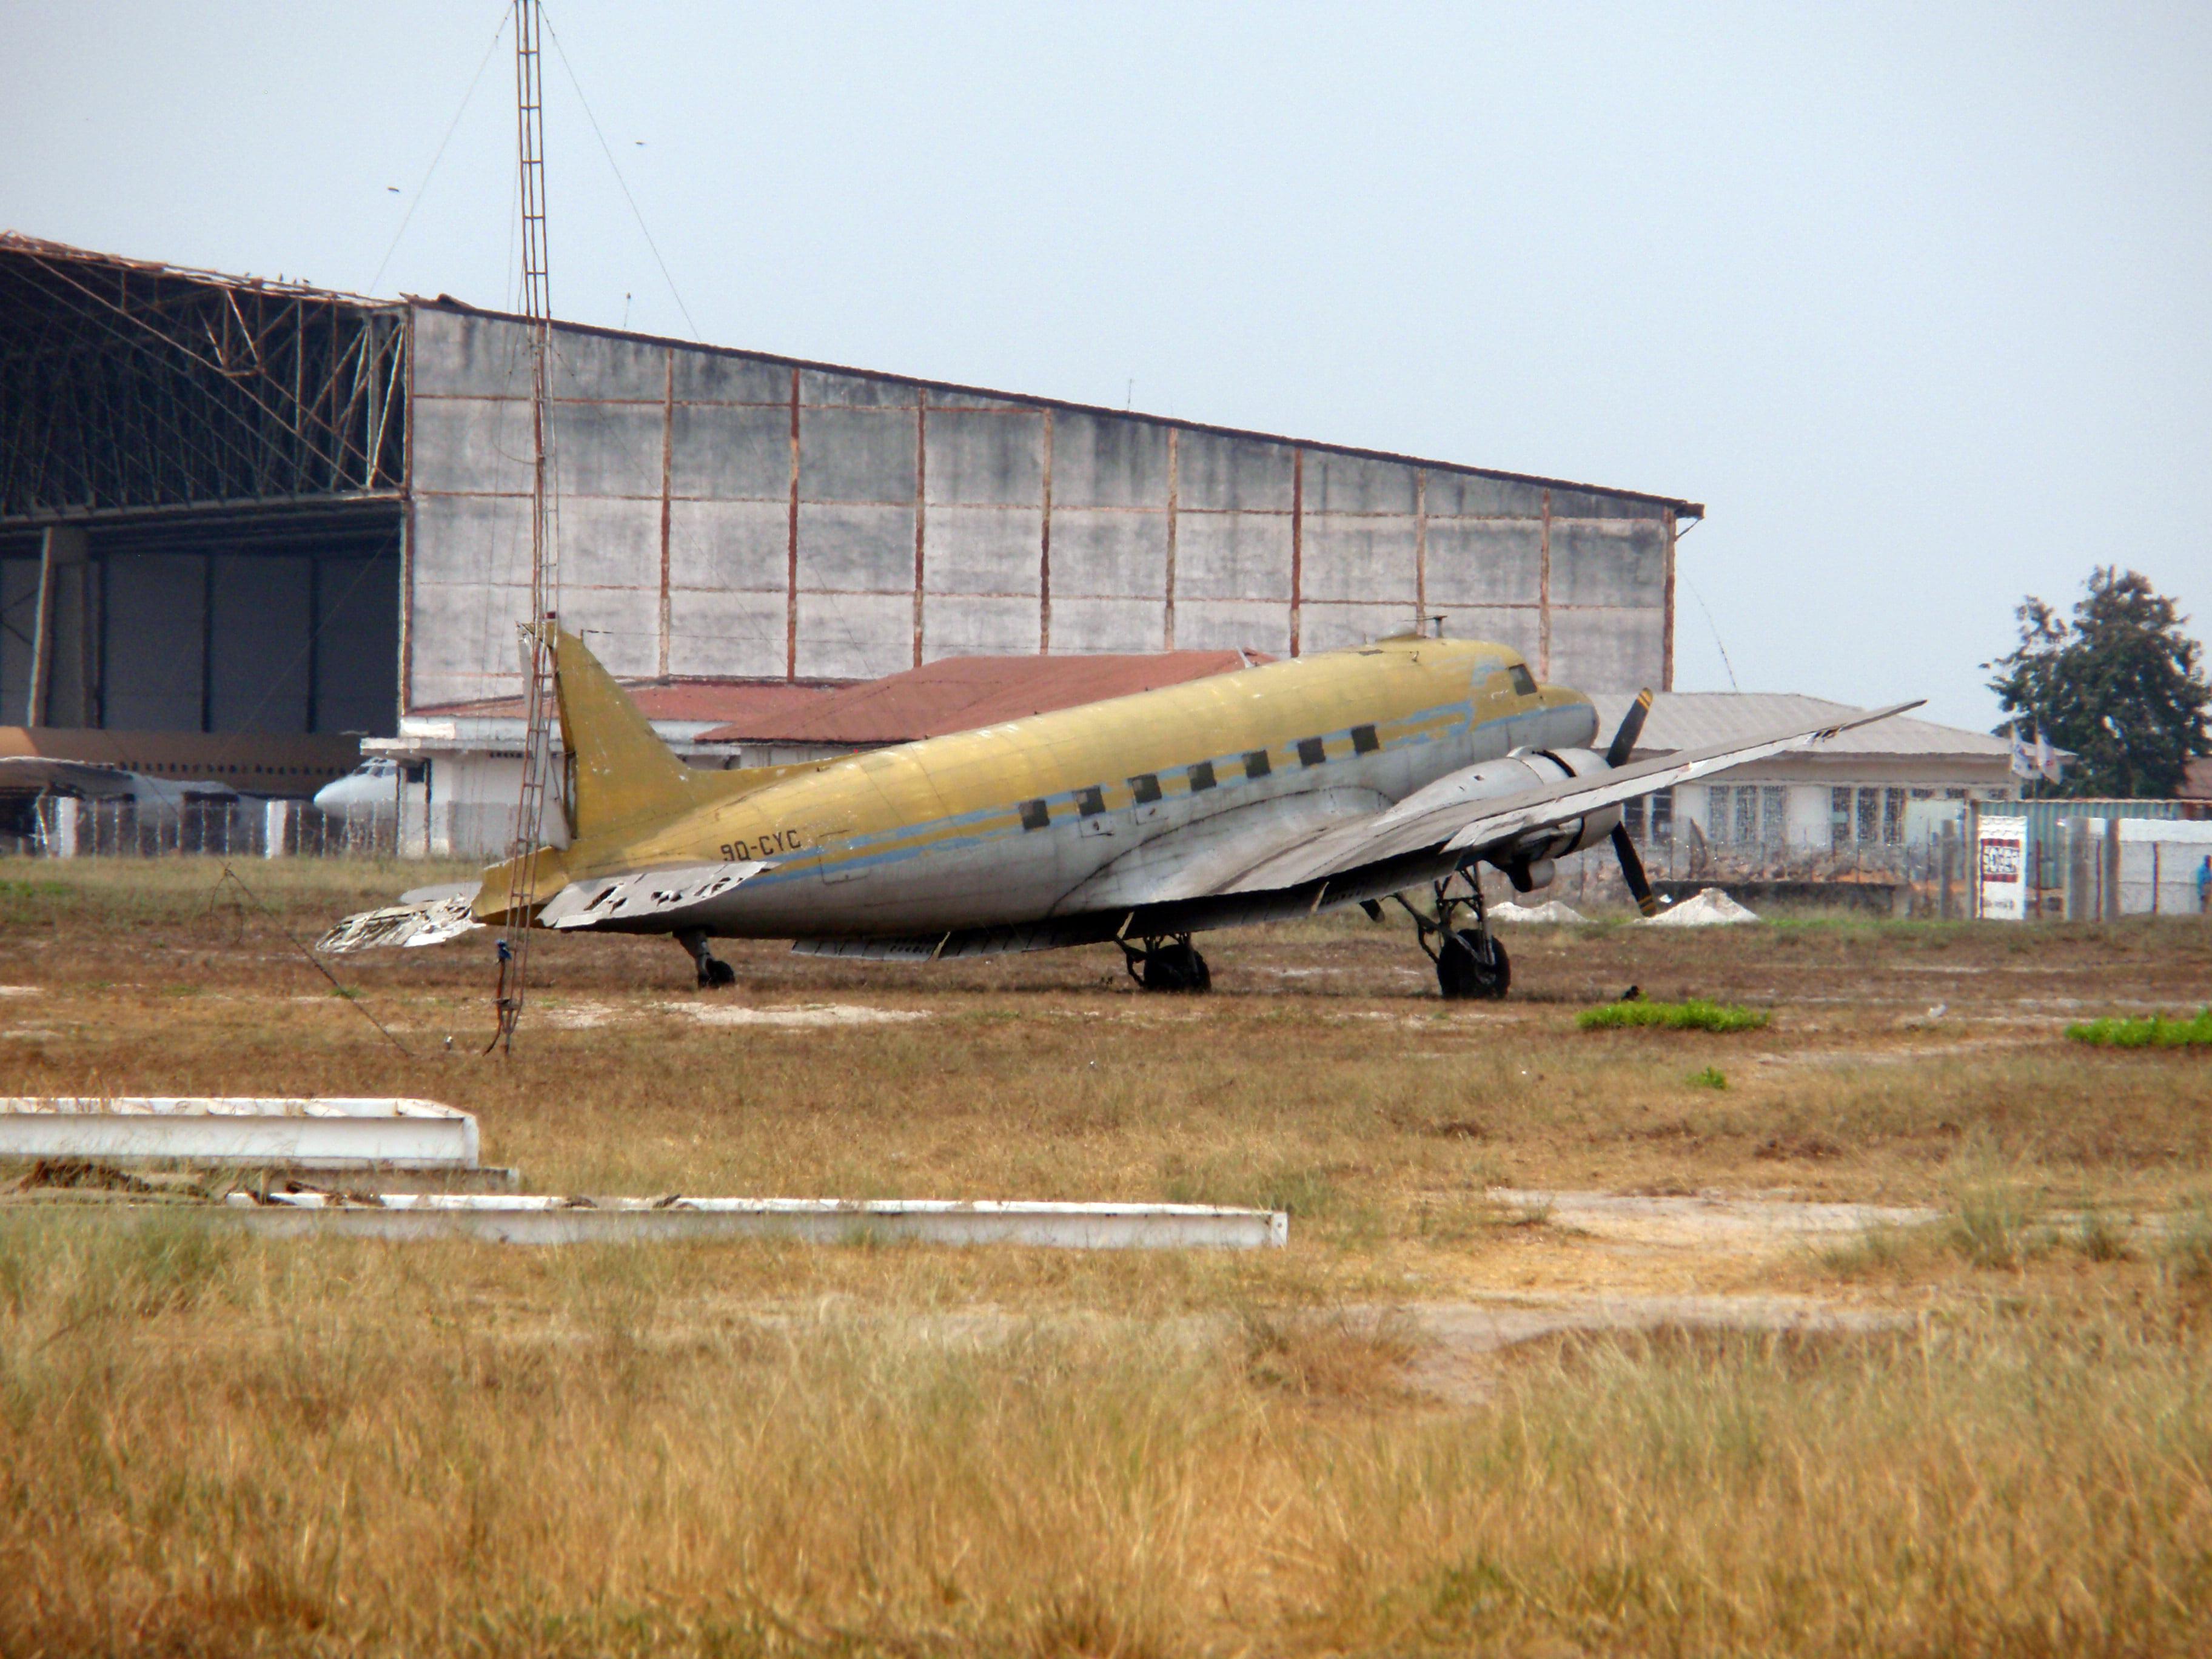 Старый самолет в Африке фото